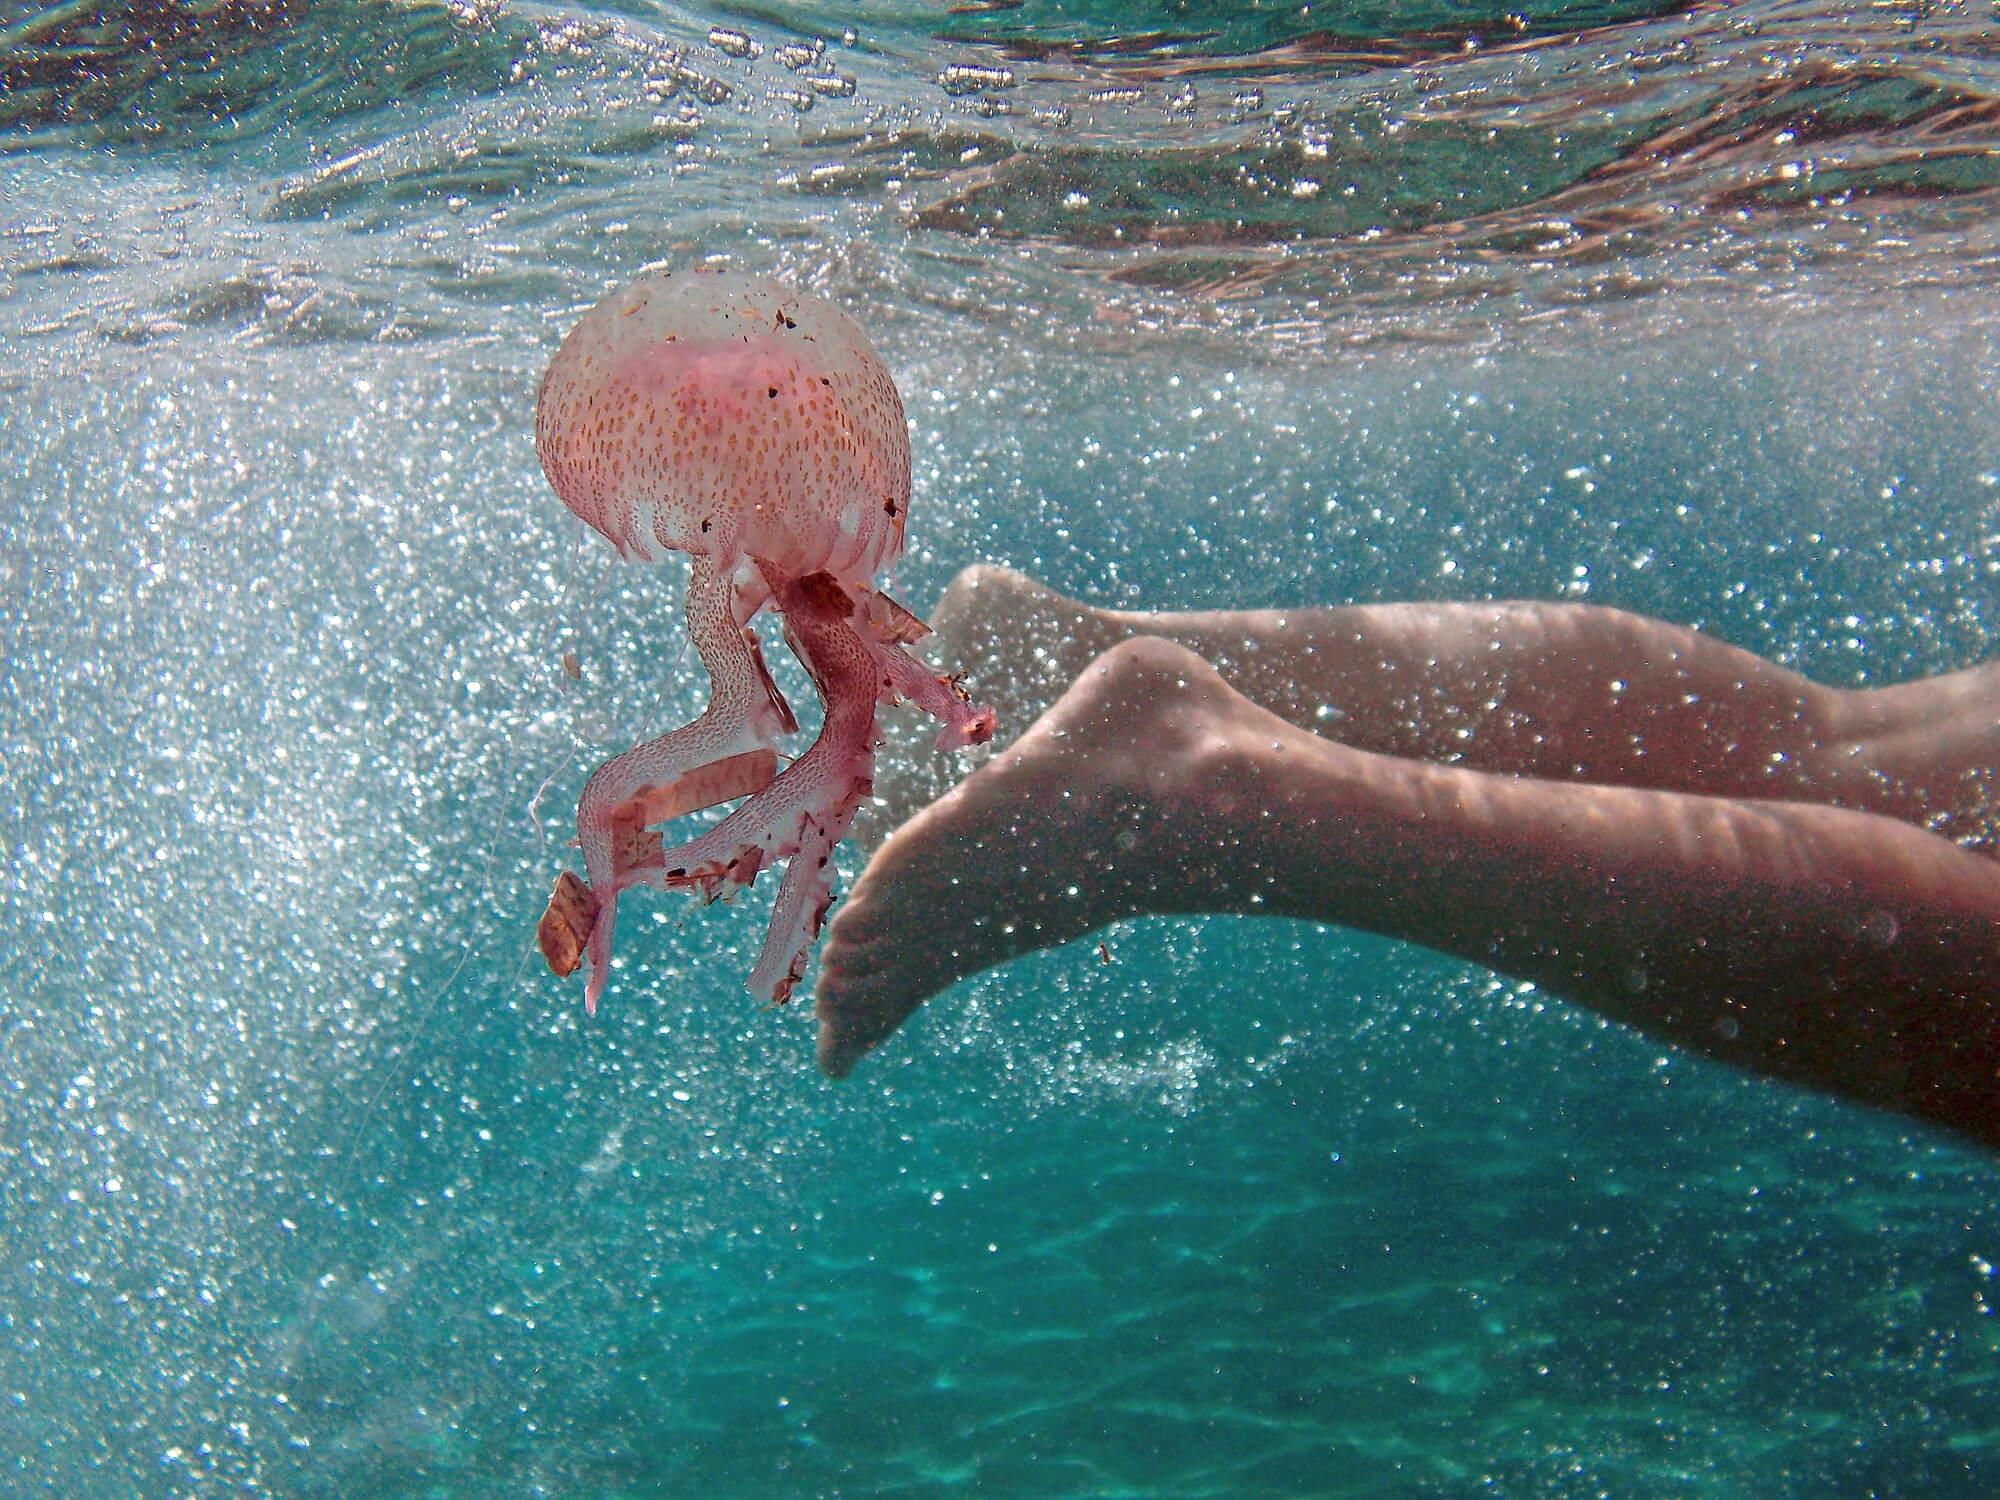 piqûre méduse moustique tiques araignées